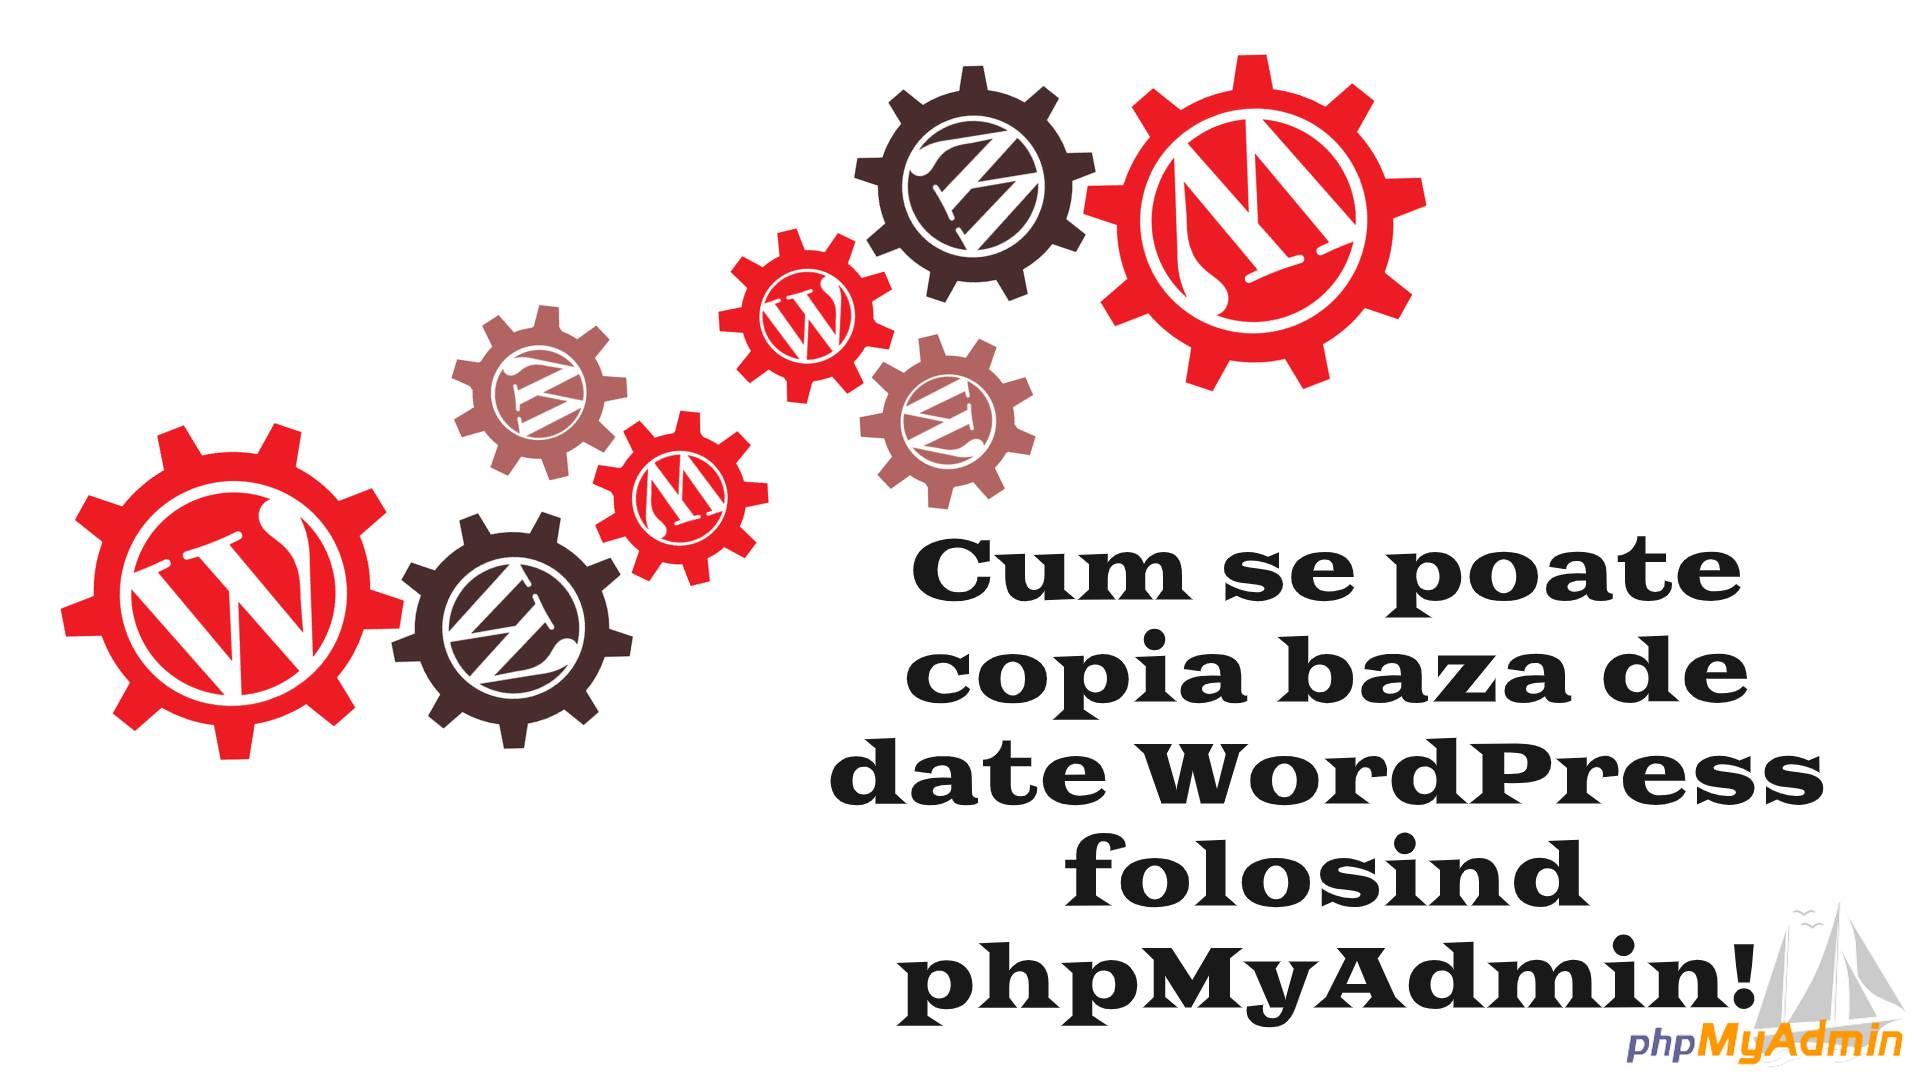 Cum se poate copia baza de date WordPress folosind phpMyAdmin